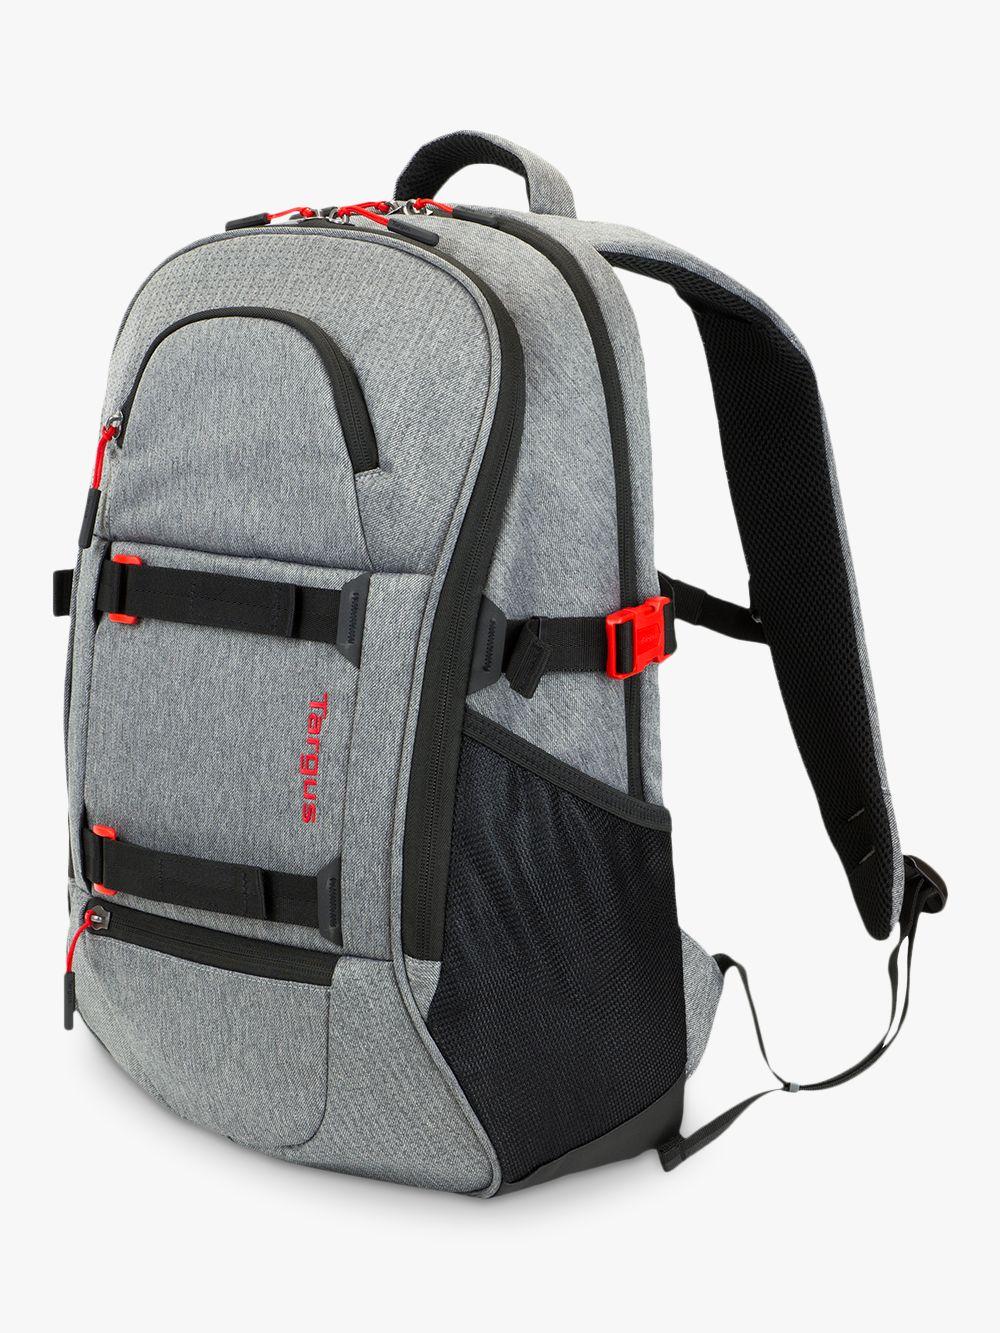 Targus Targus Urban Explorer Backpack for 15.6 Laptops, Grey